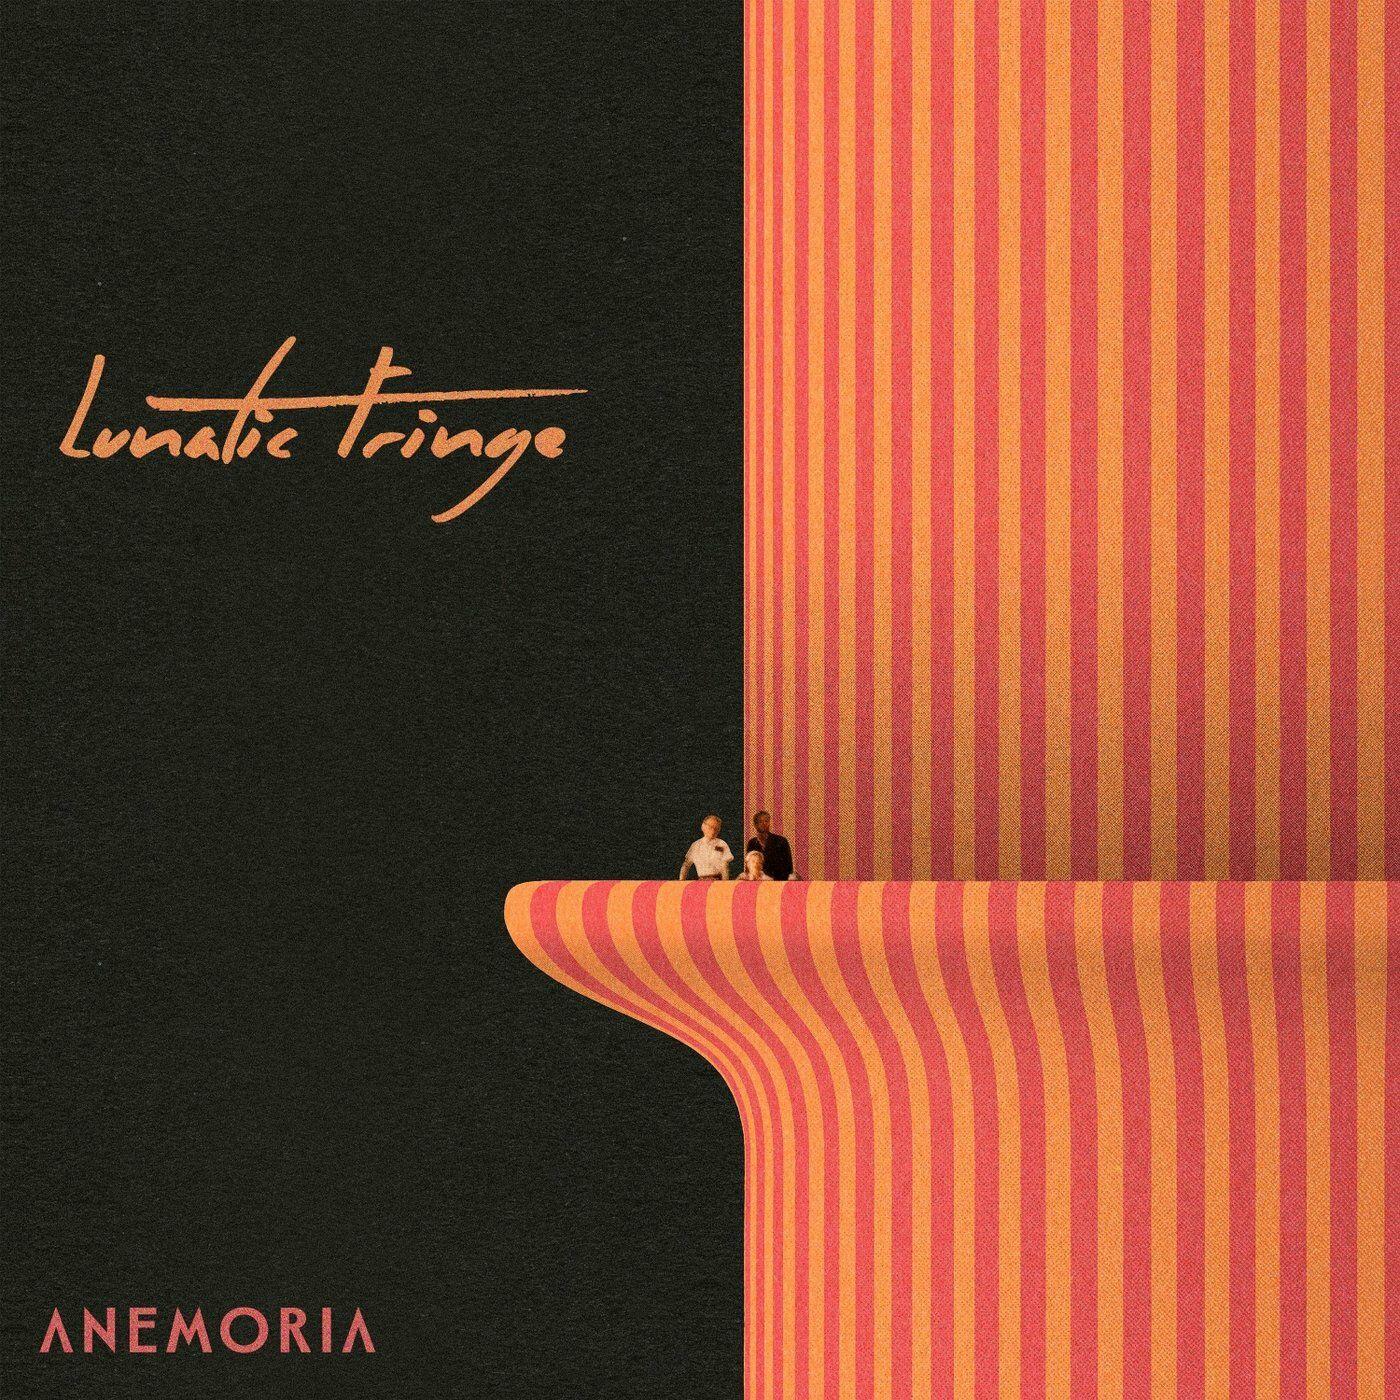 Anemoria - Lunatic Fringe [single] (2021)